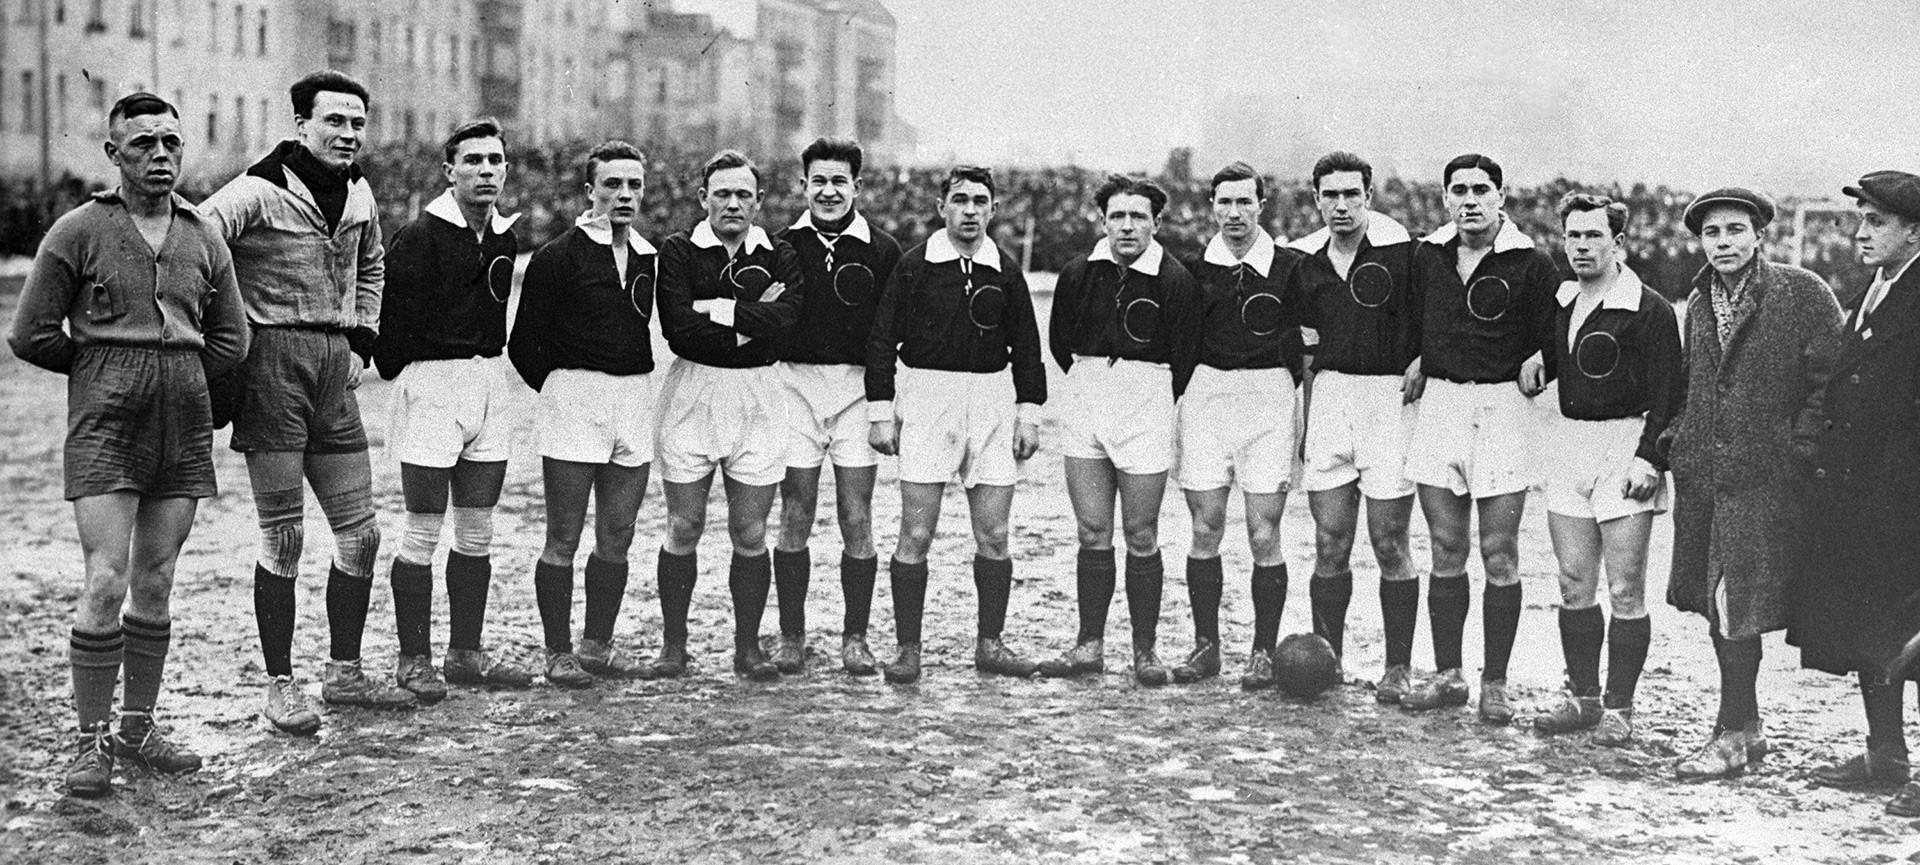 El uniforme de la selección soviética.